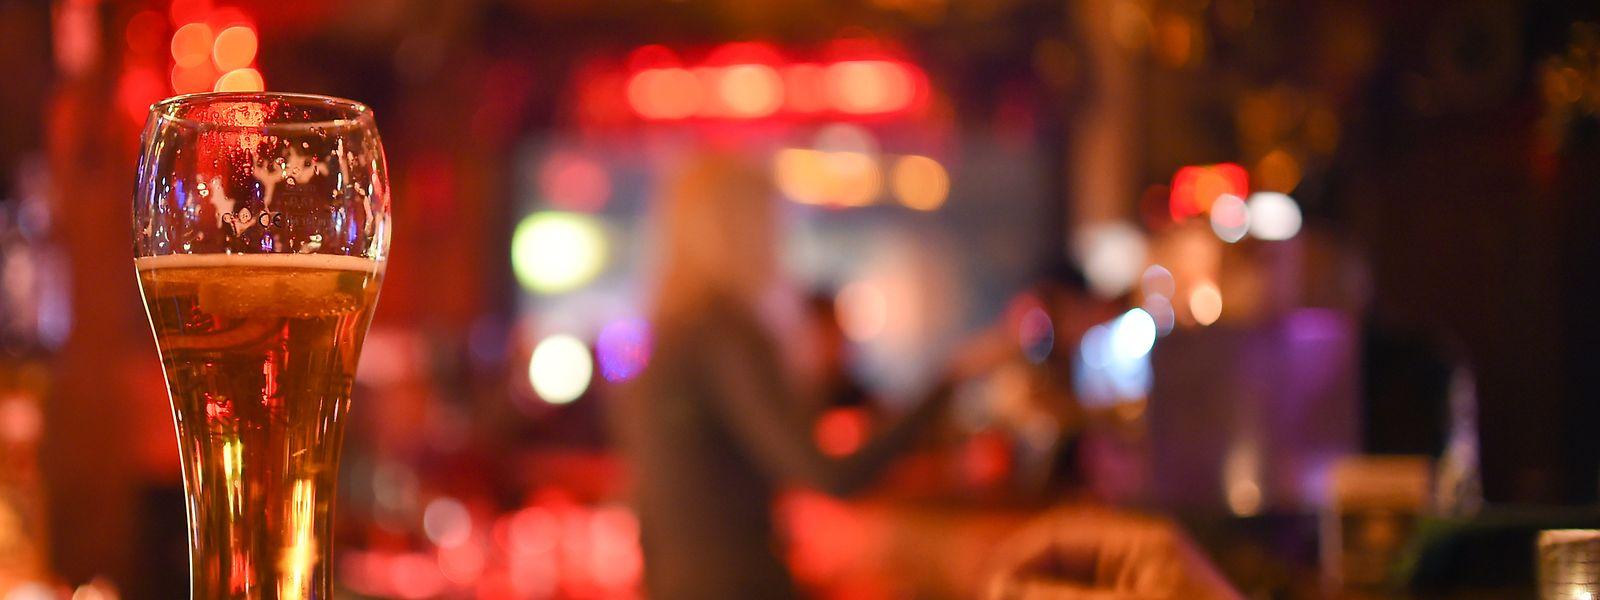 Einfach mal wieder an der Theke sitzen und mit dem Barmann oder der Barfrau über das Leben plaudern - in der Corona-Krise nahezu unmöglich.